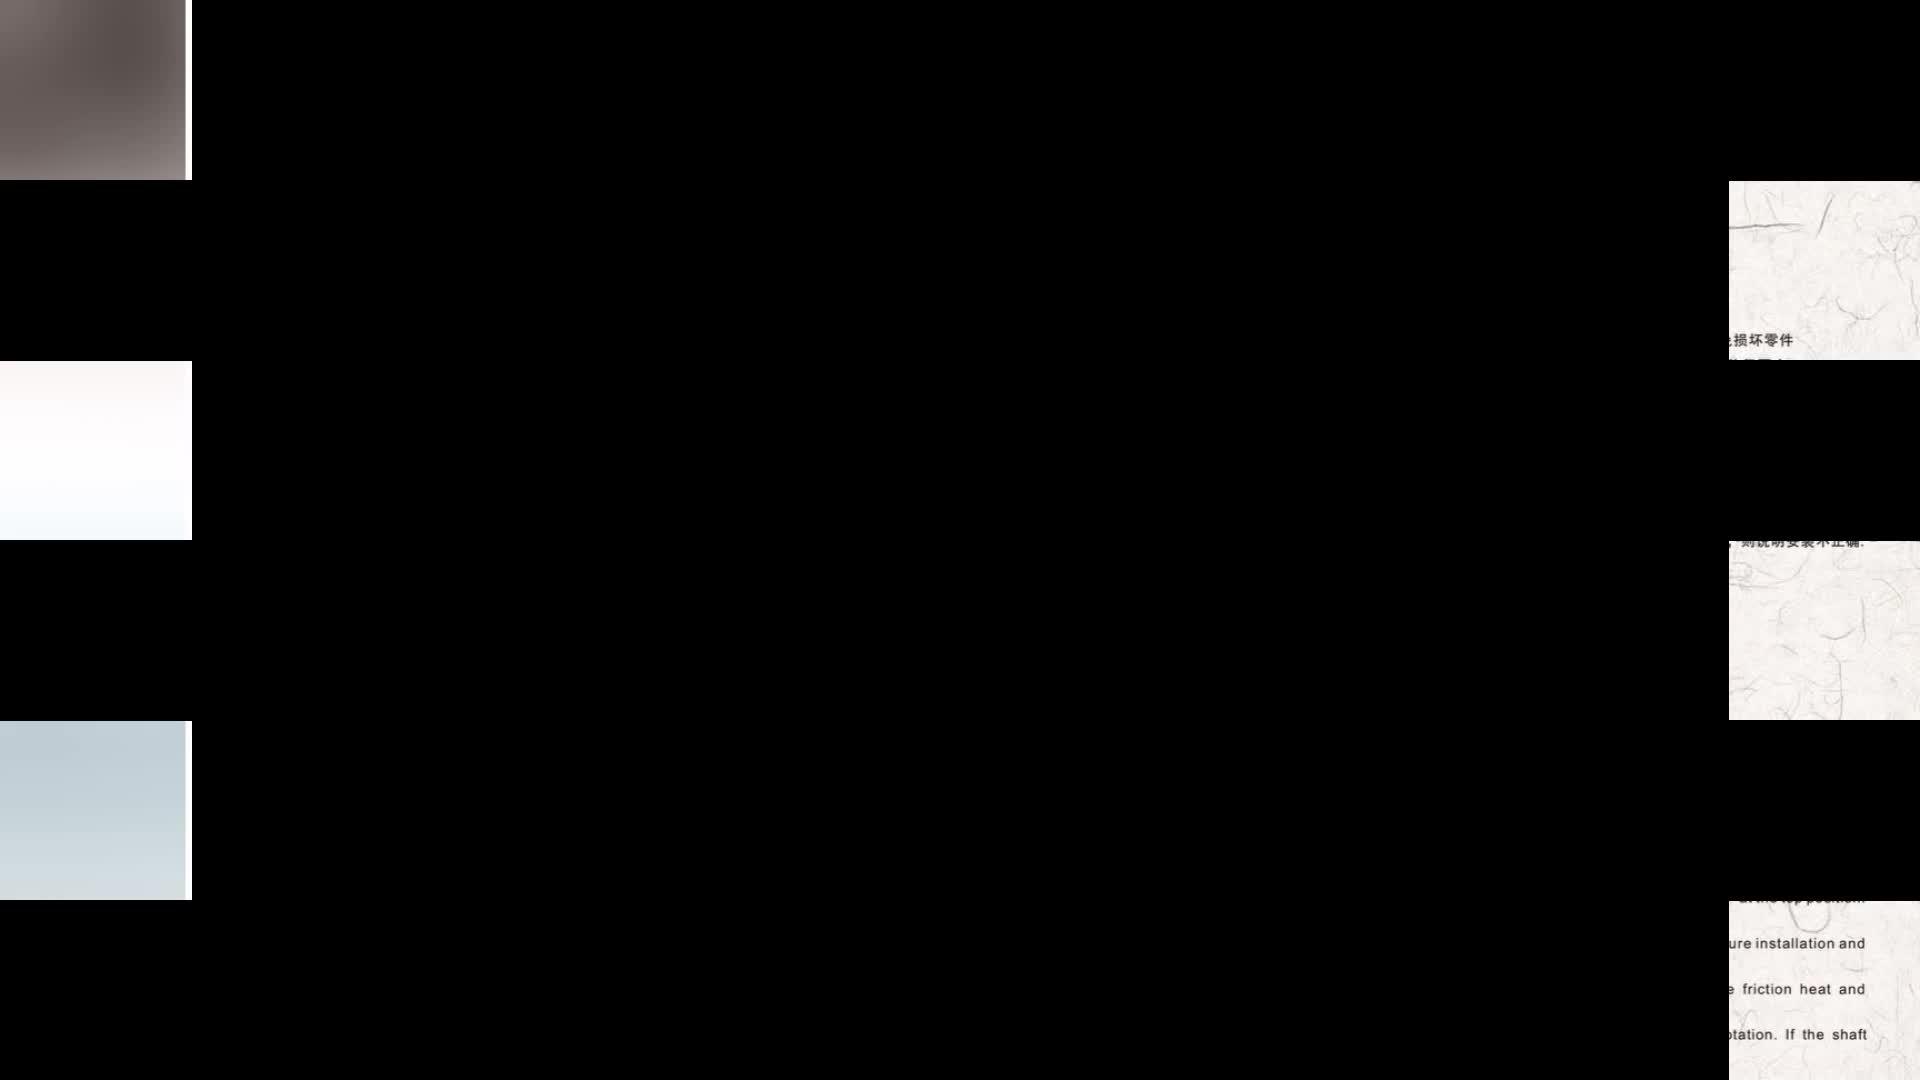 الأختام الميكانيكية كاتالغو